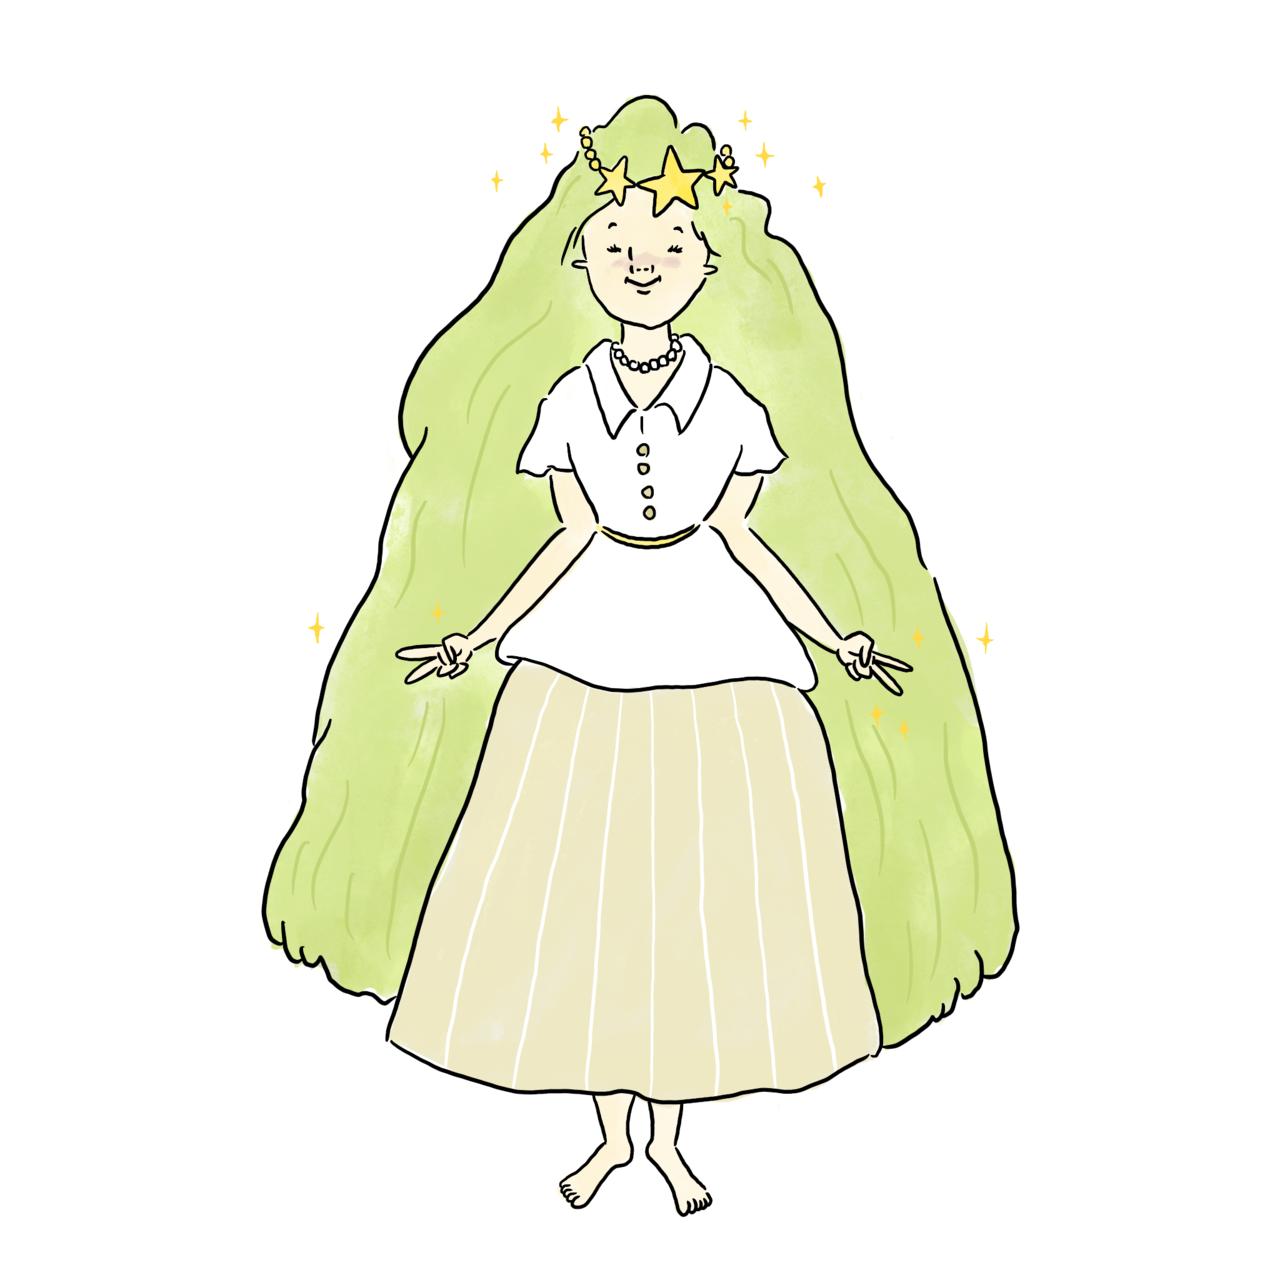 【5月15日~6月14日の運勢】乙女座のヴィーナス